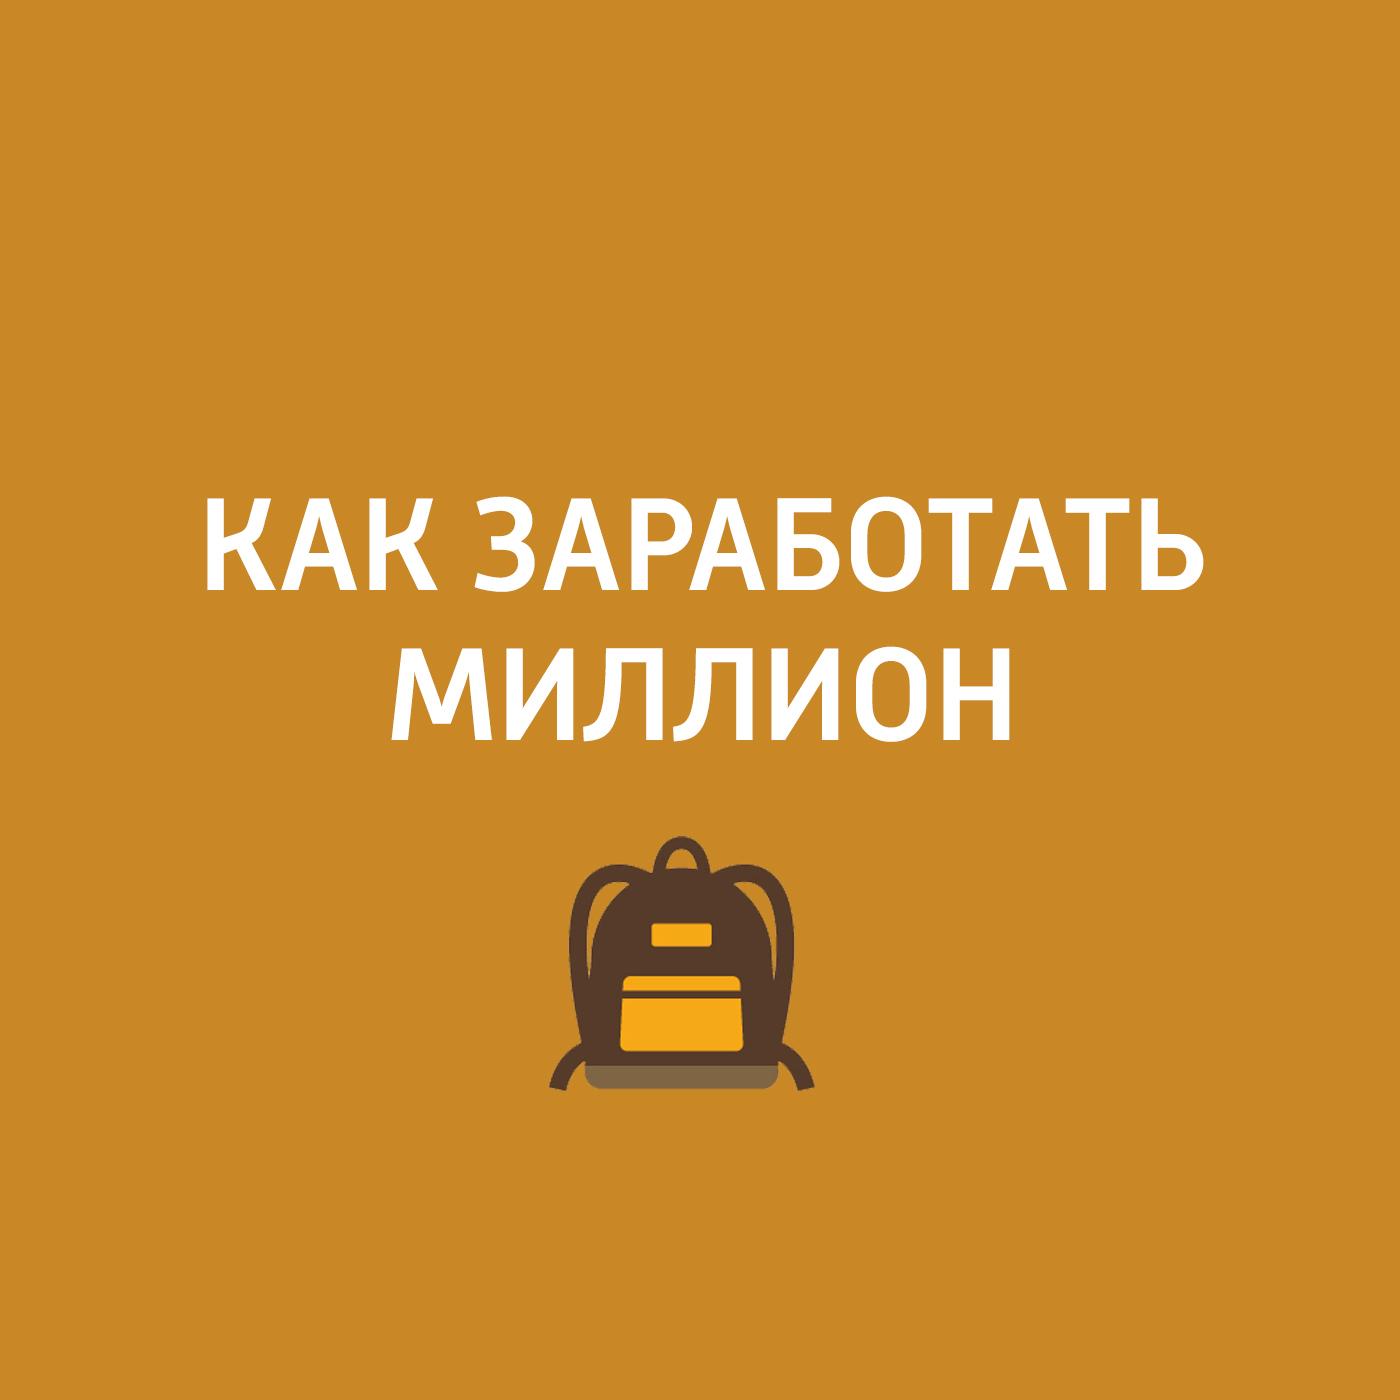 Творческий коллектив шоу «Сергей Стиллавин и его друзья» Workplace workplace reactivity